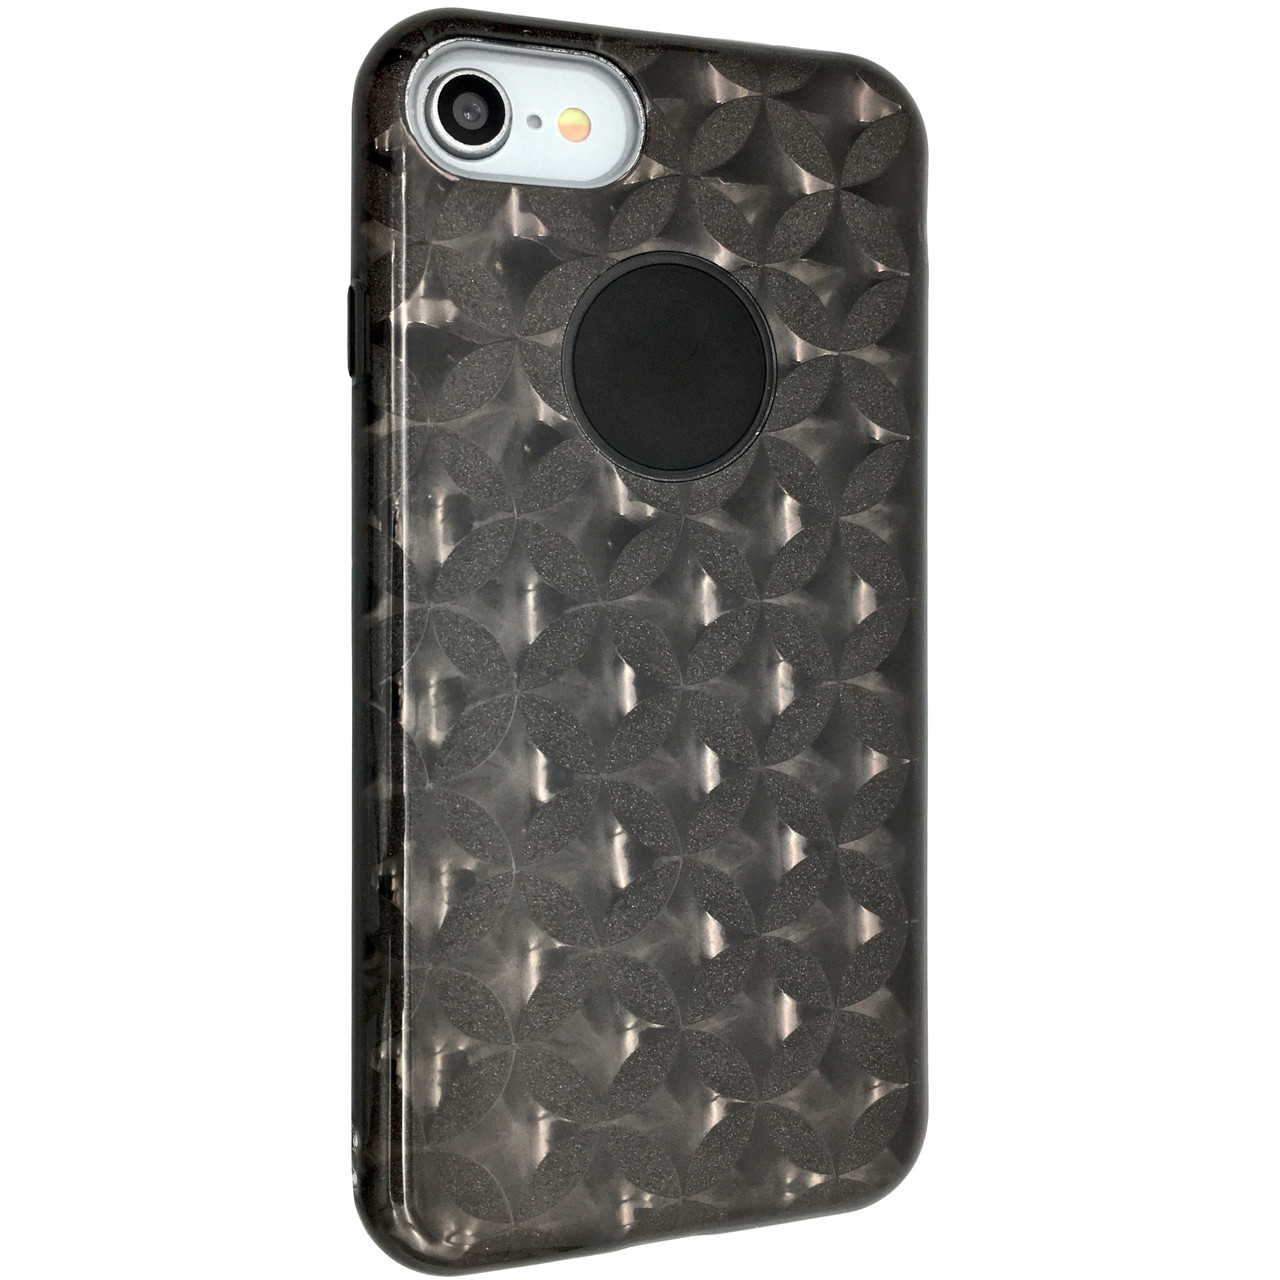 Чохол райський дощик вставка Stars for Apple iPhone 7 (dark)